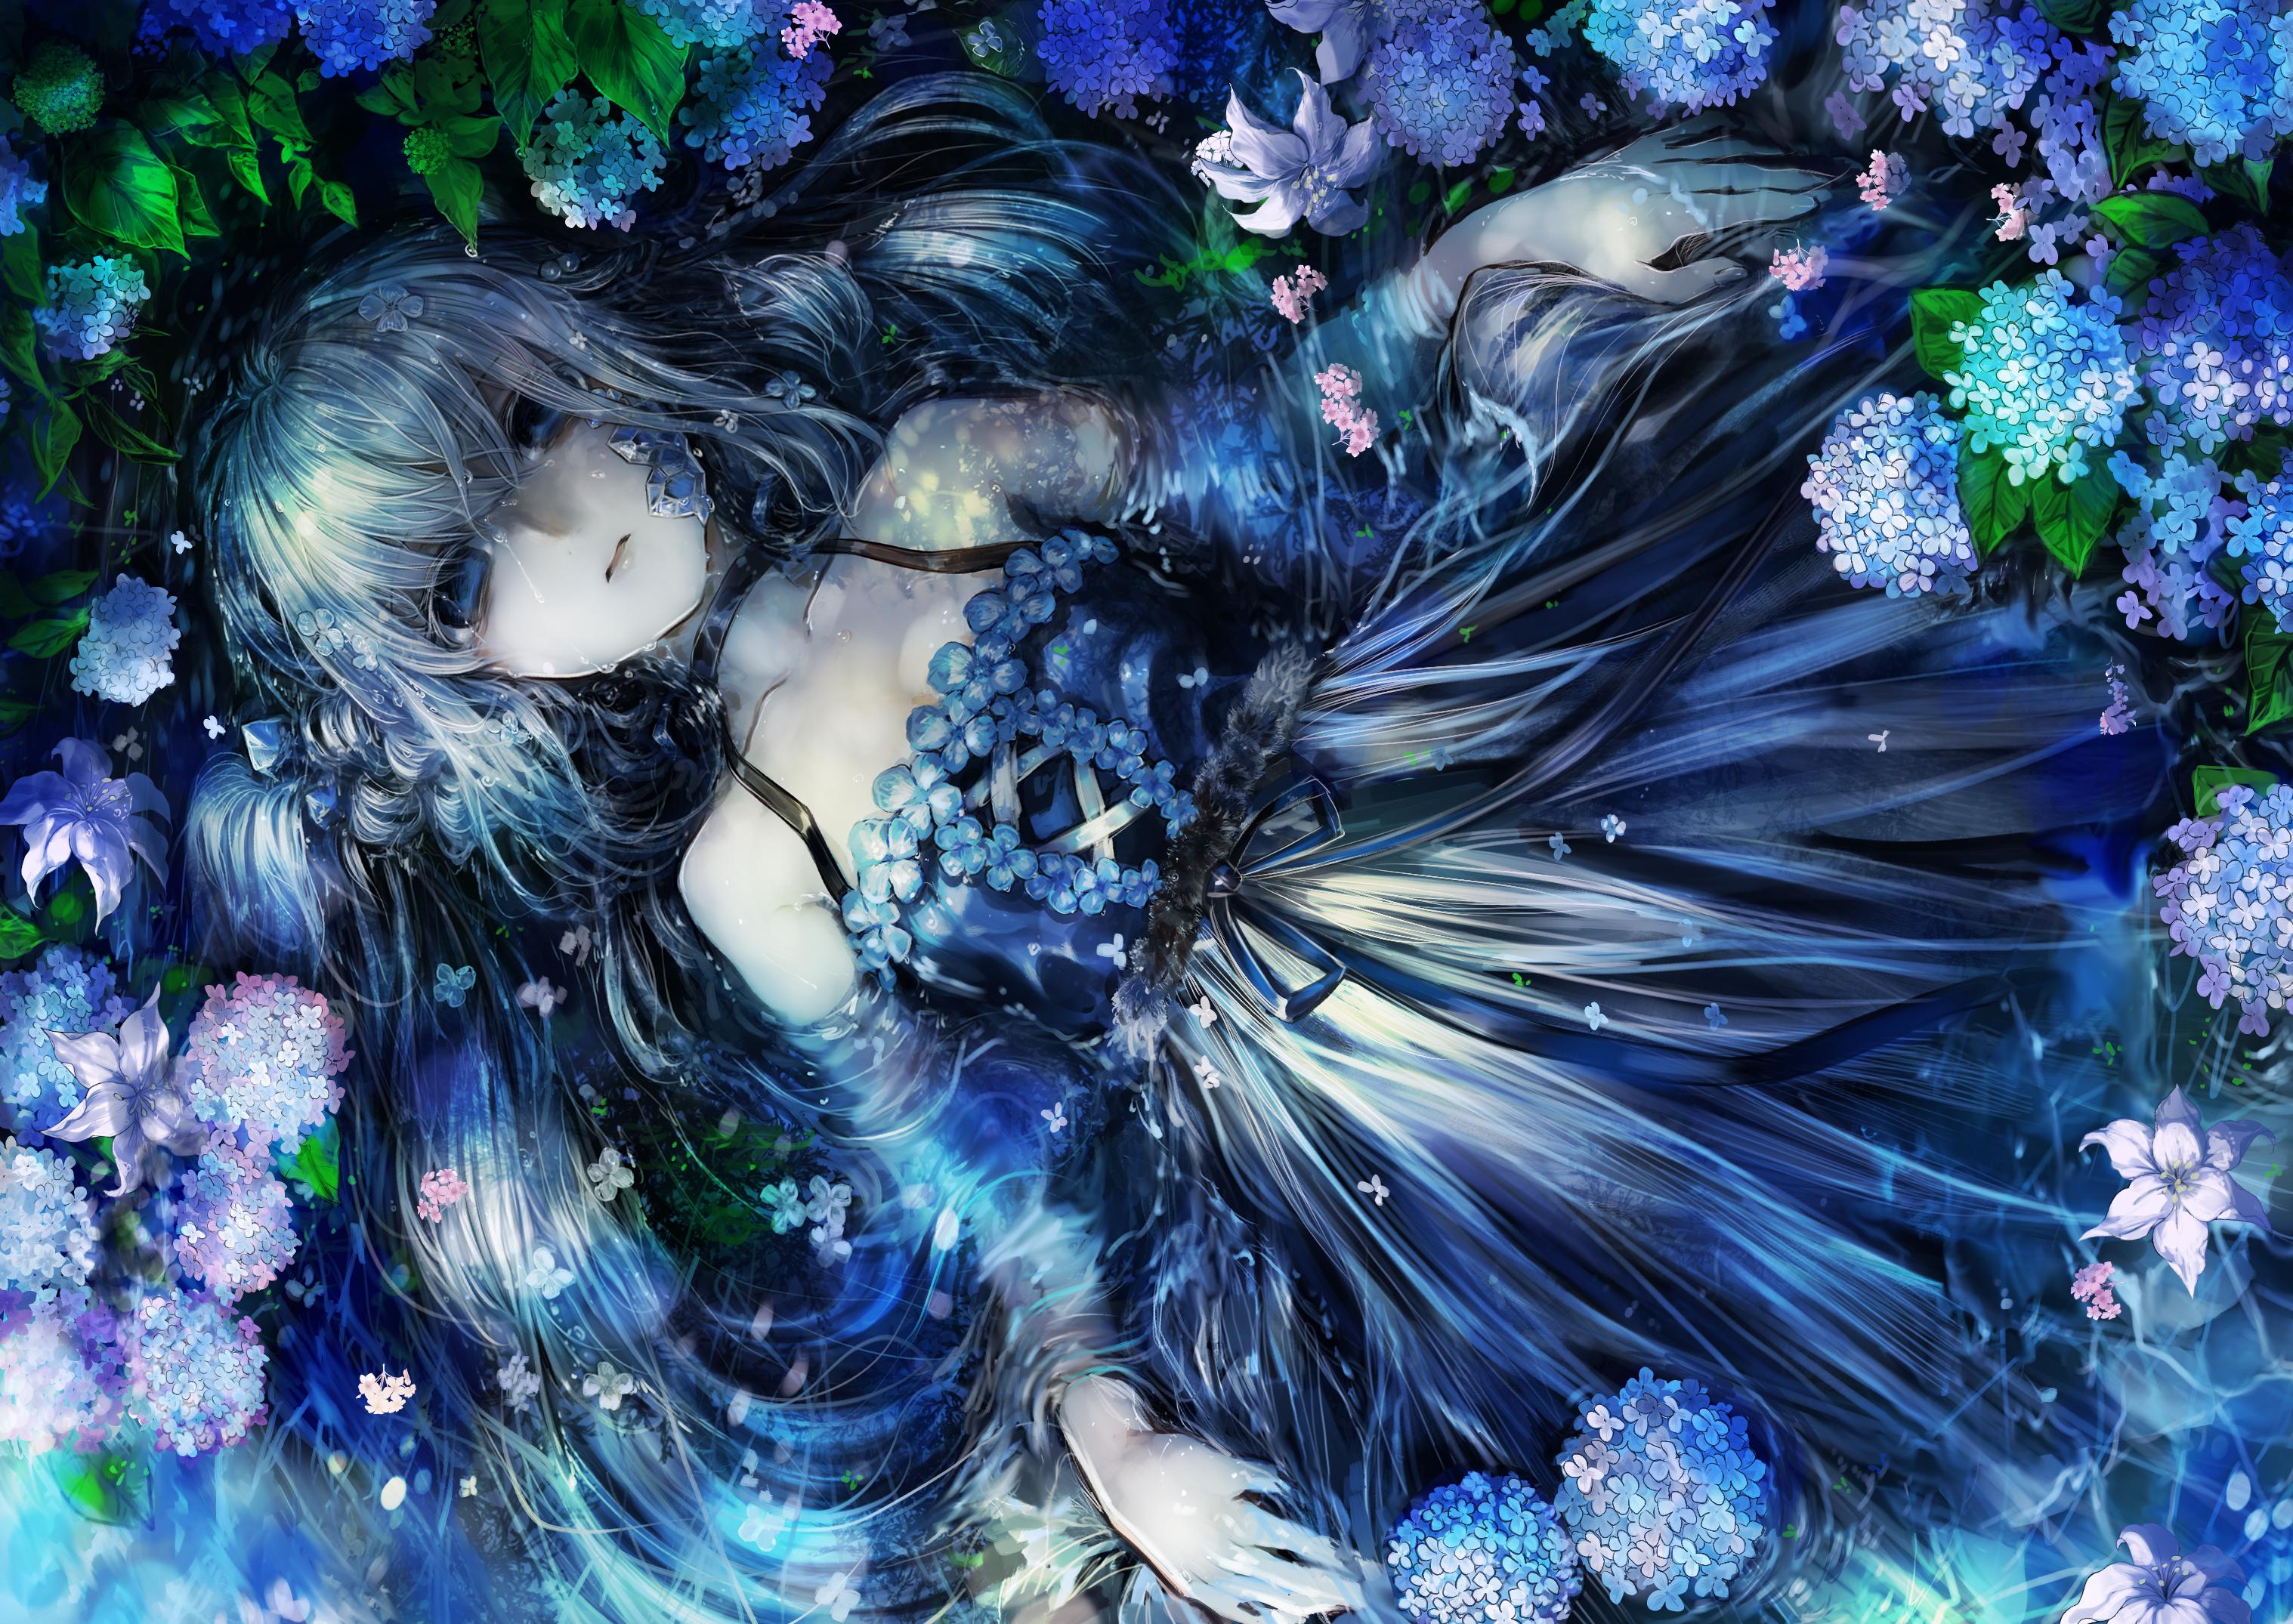 Blue Eyes Dress Flower Girl Long Hair White Hair 3035x2150